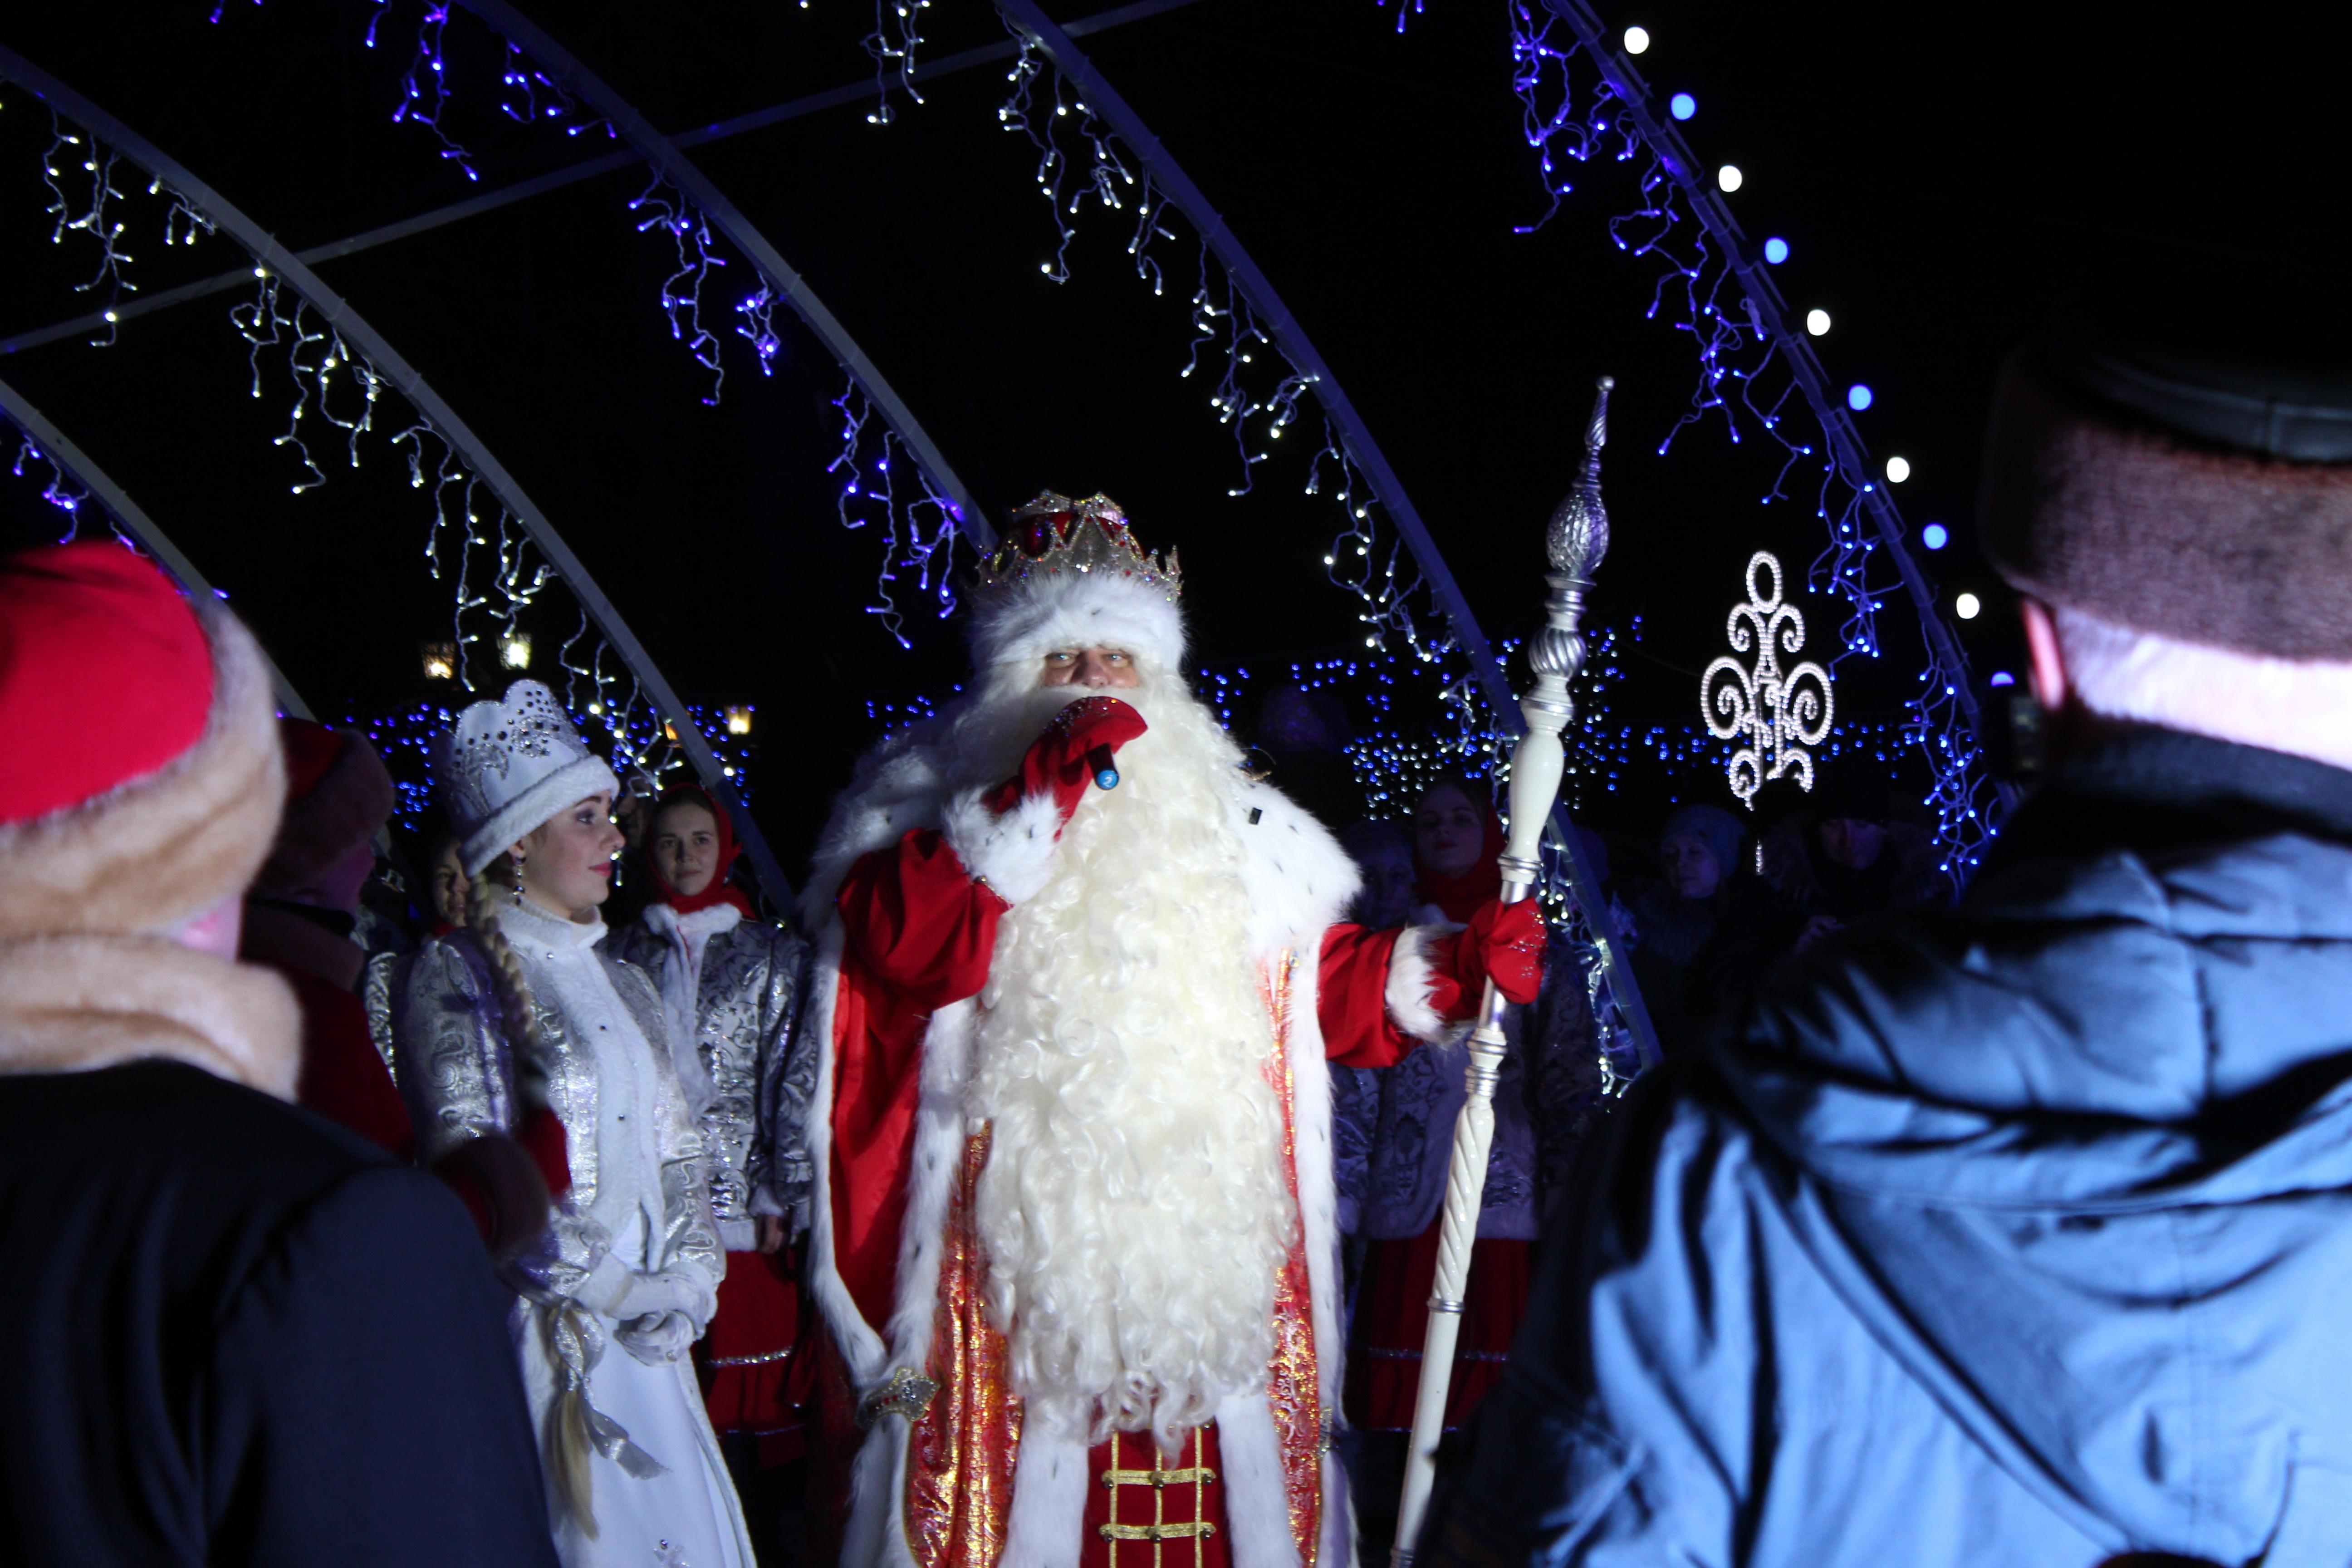 Советник Порошенко заподозрил Деда Мороза вработе наспецслужбы Российской Федерации